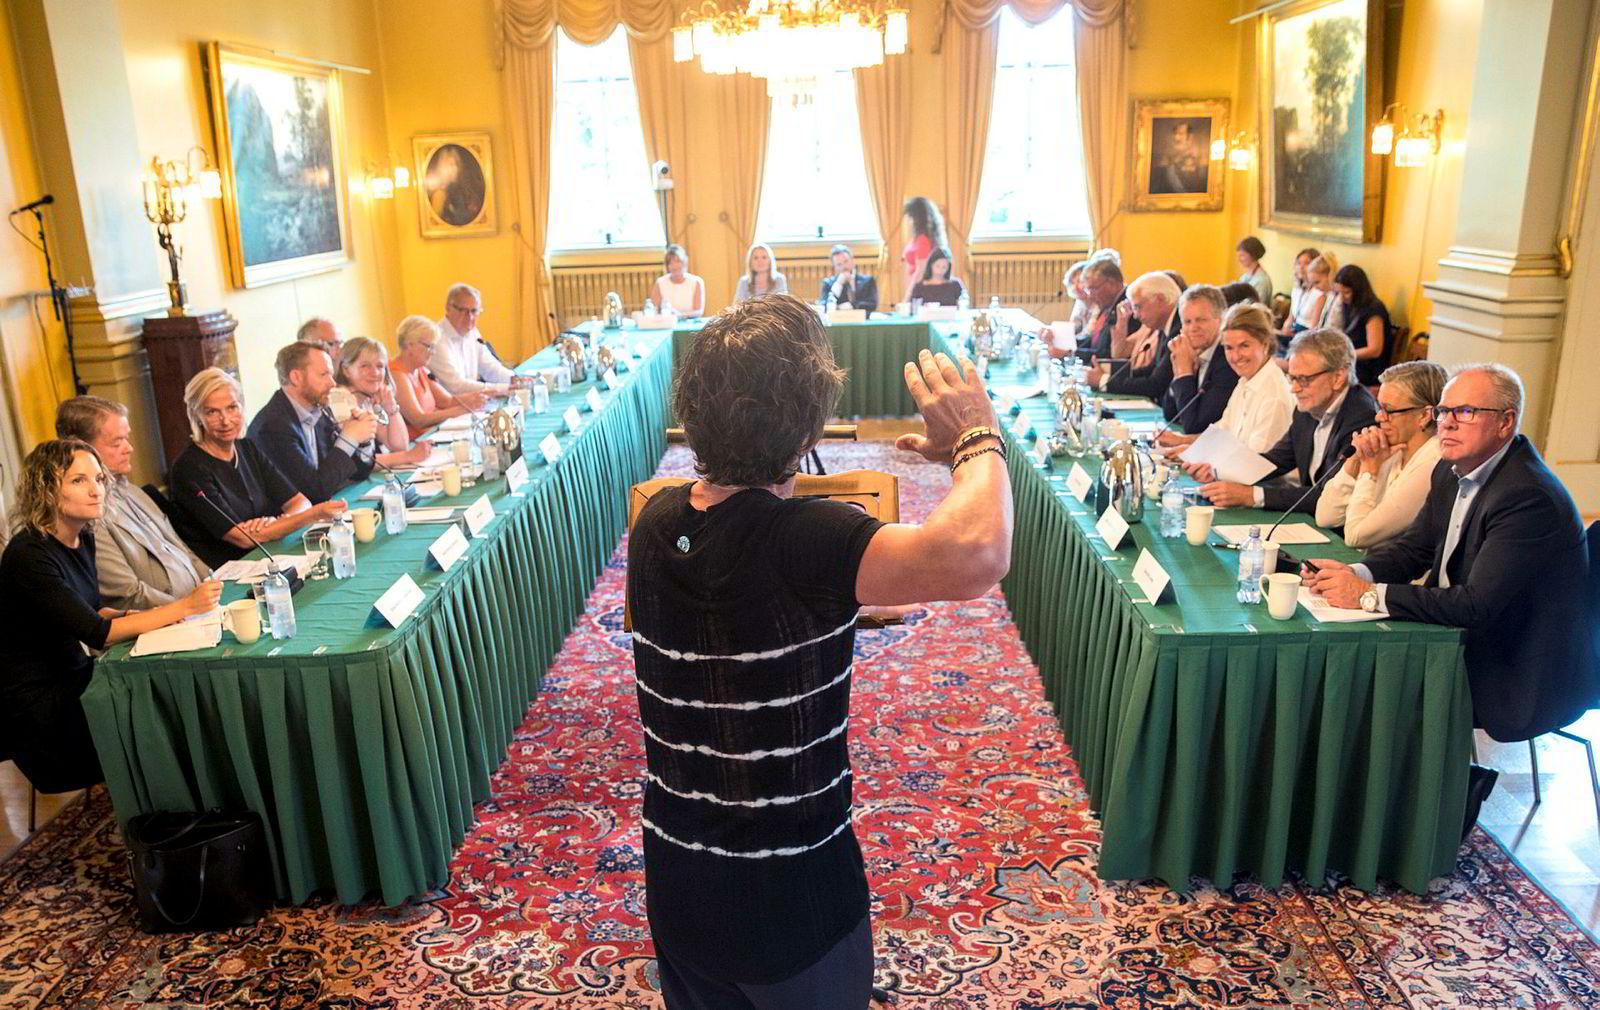 Choice-eier Petter Stordalen holdt et engasjert innlegg for andre næringslivsledere og ministrene onsdag.